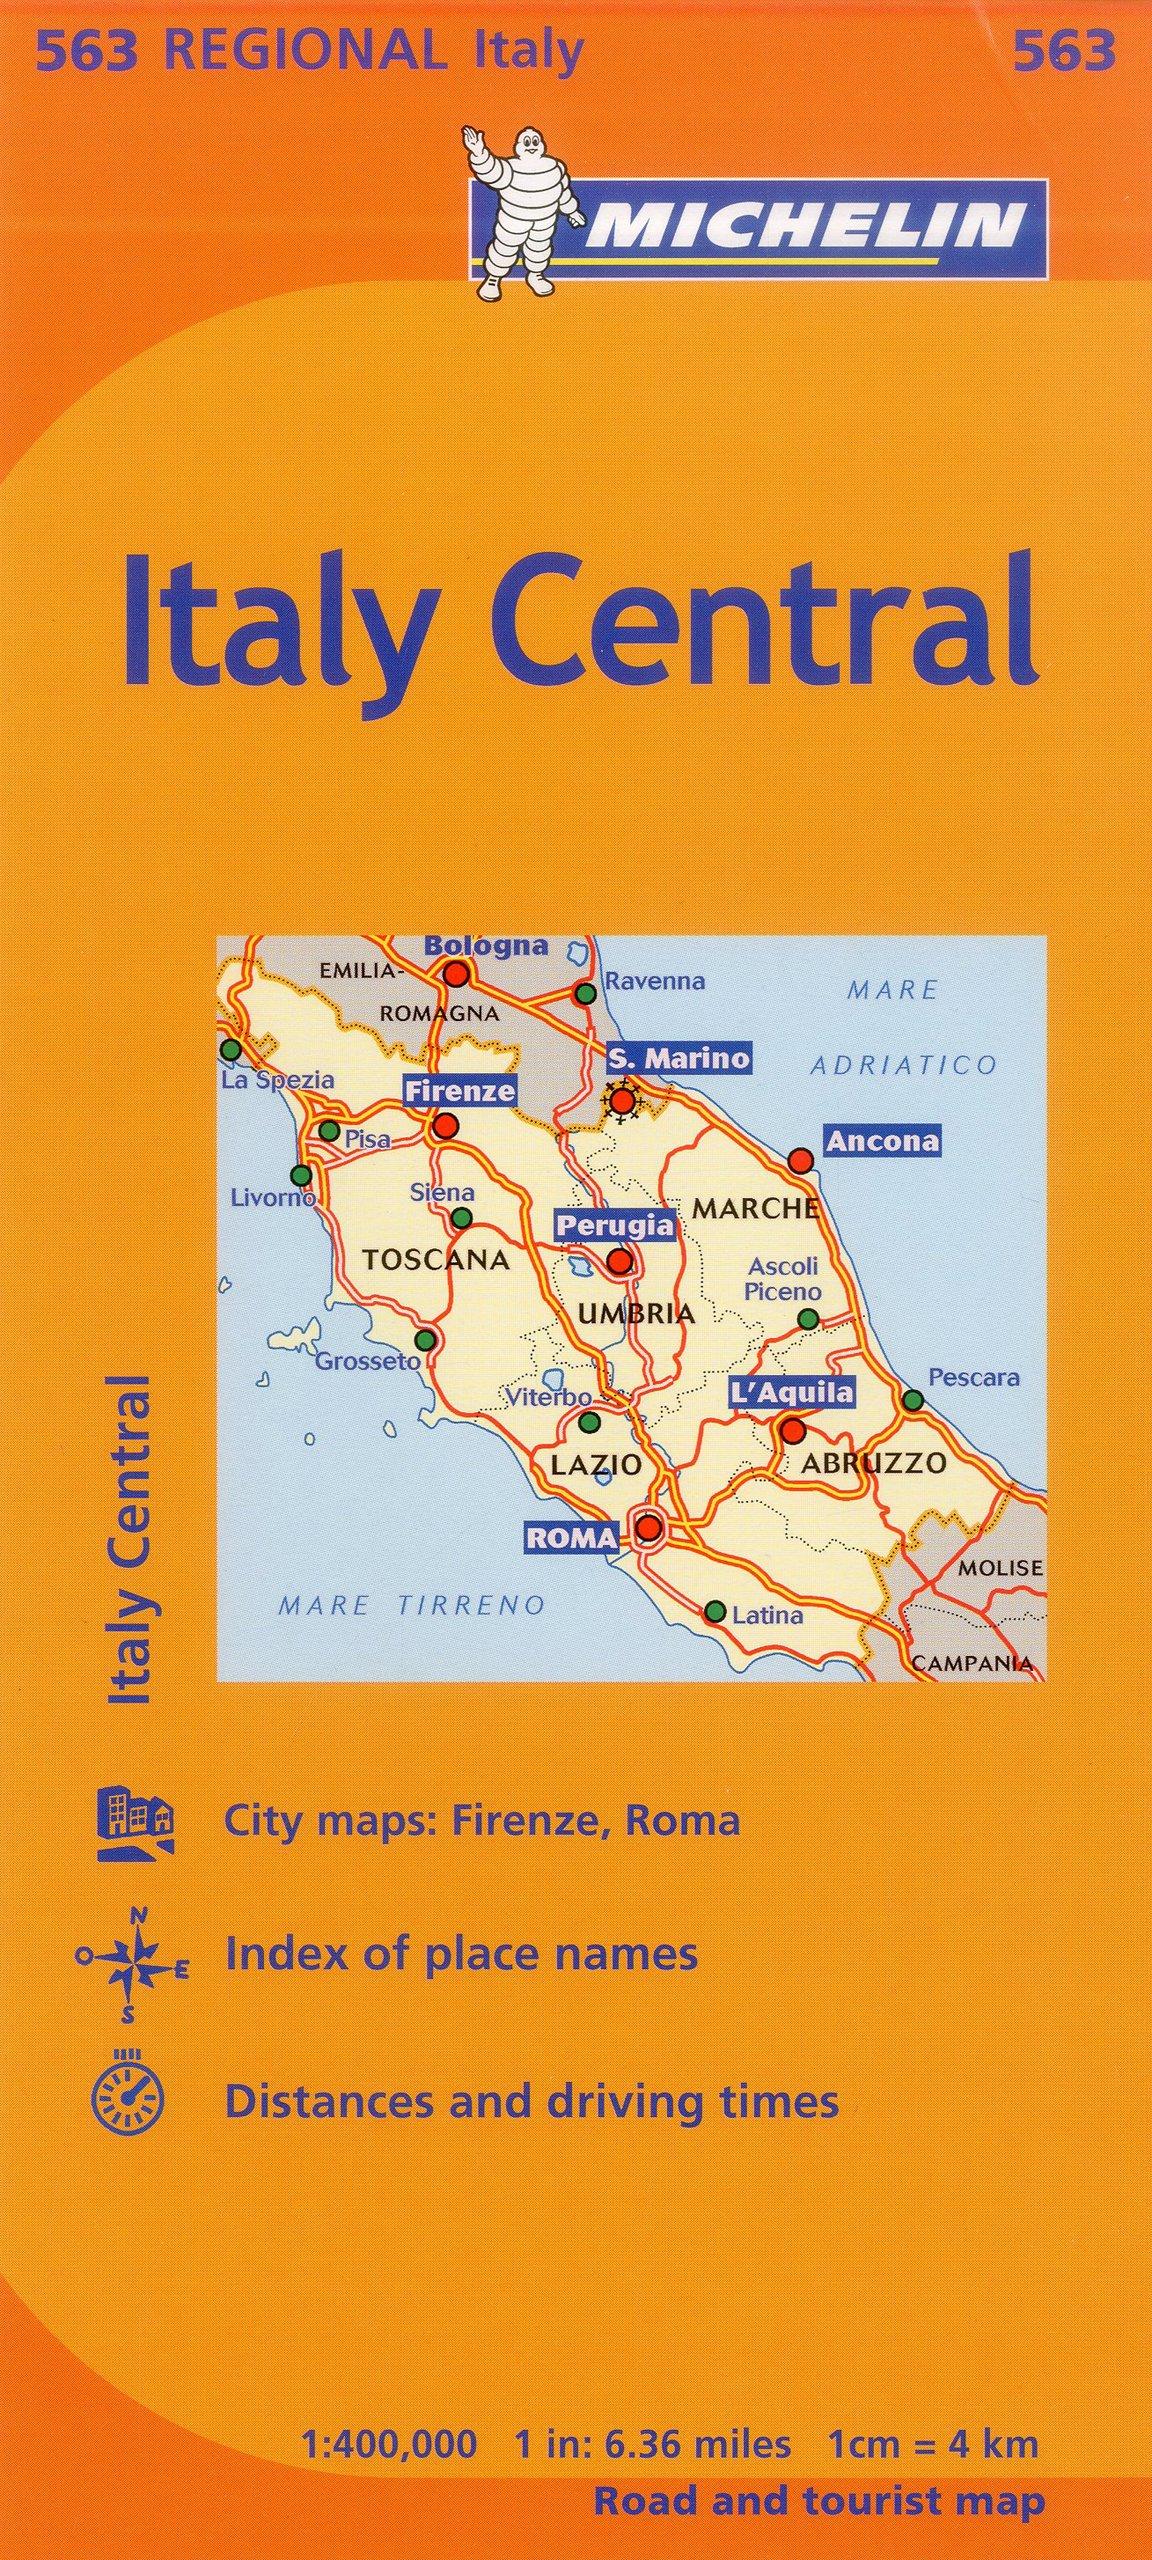 Map Of Italy Abruzzo Region.Michelin Italy Central Map 563 Maps Regional Michelin Michelin